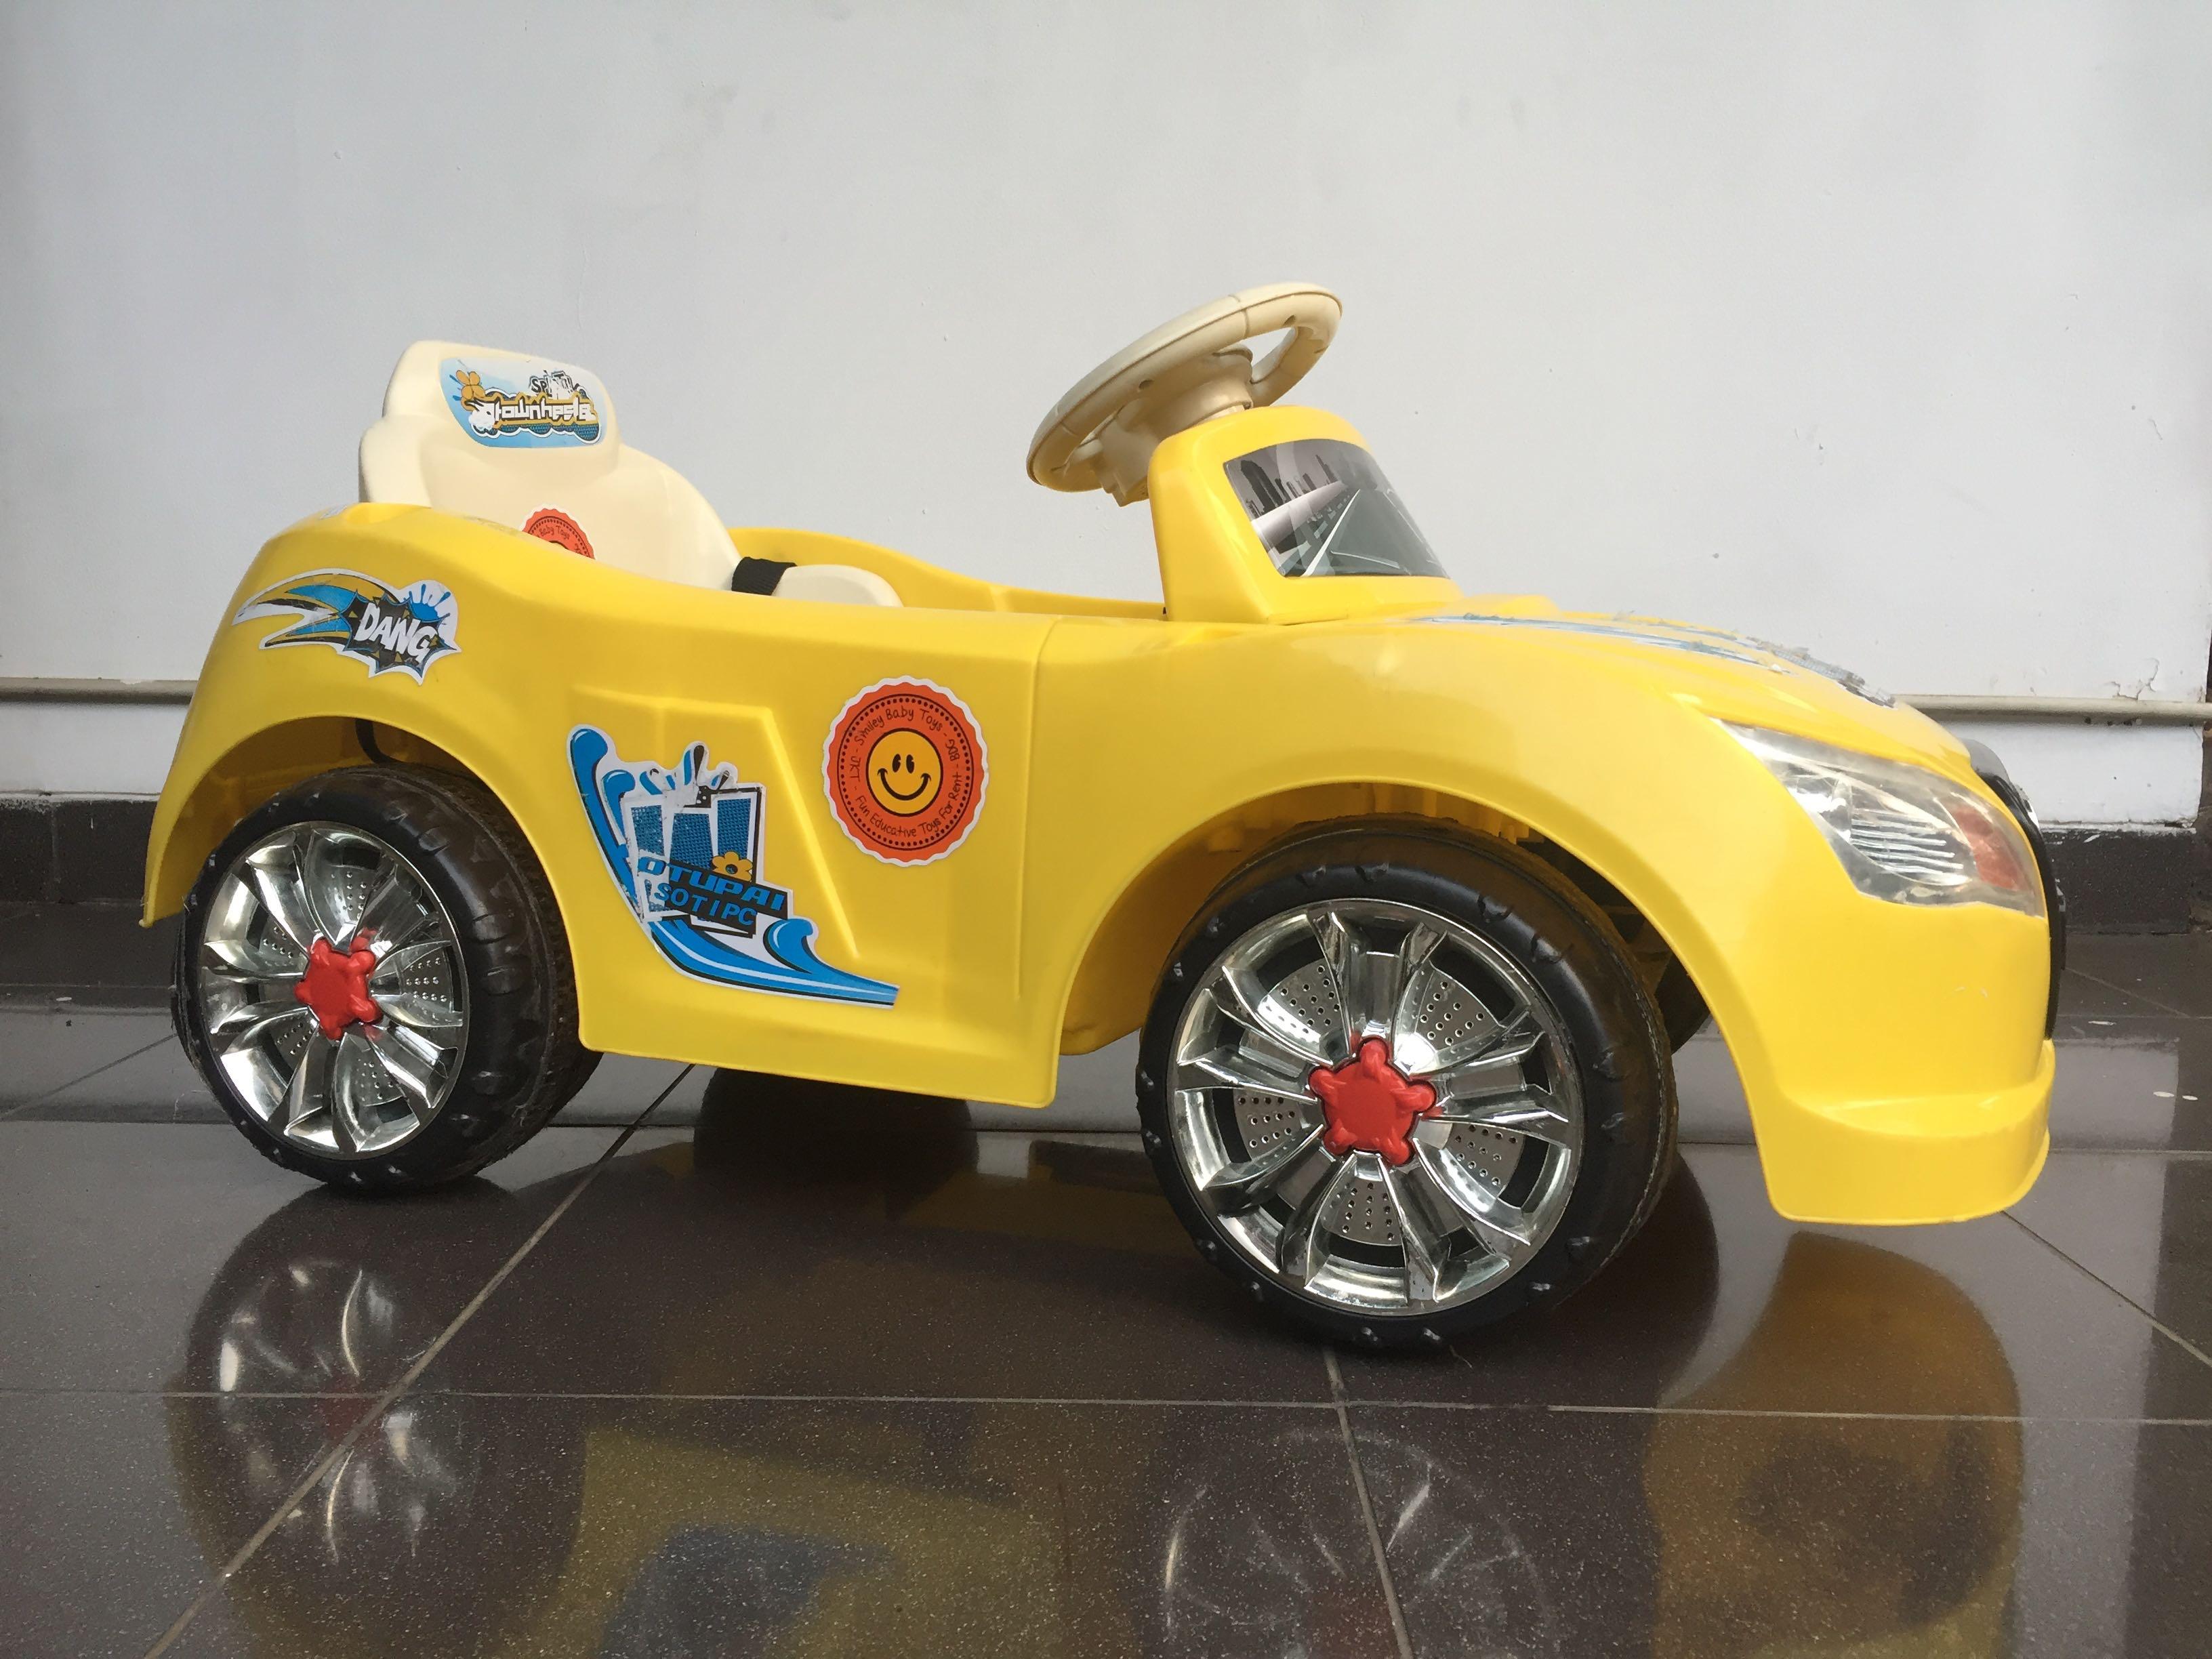 Mobil Listrik Aki Anak Pliko | Spotsewa - Sewa menyewa jadi lebih mudah di Spotsewa